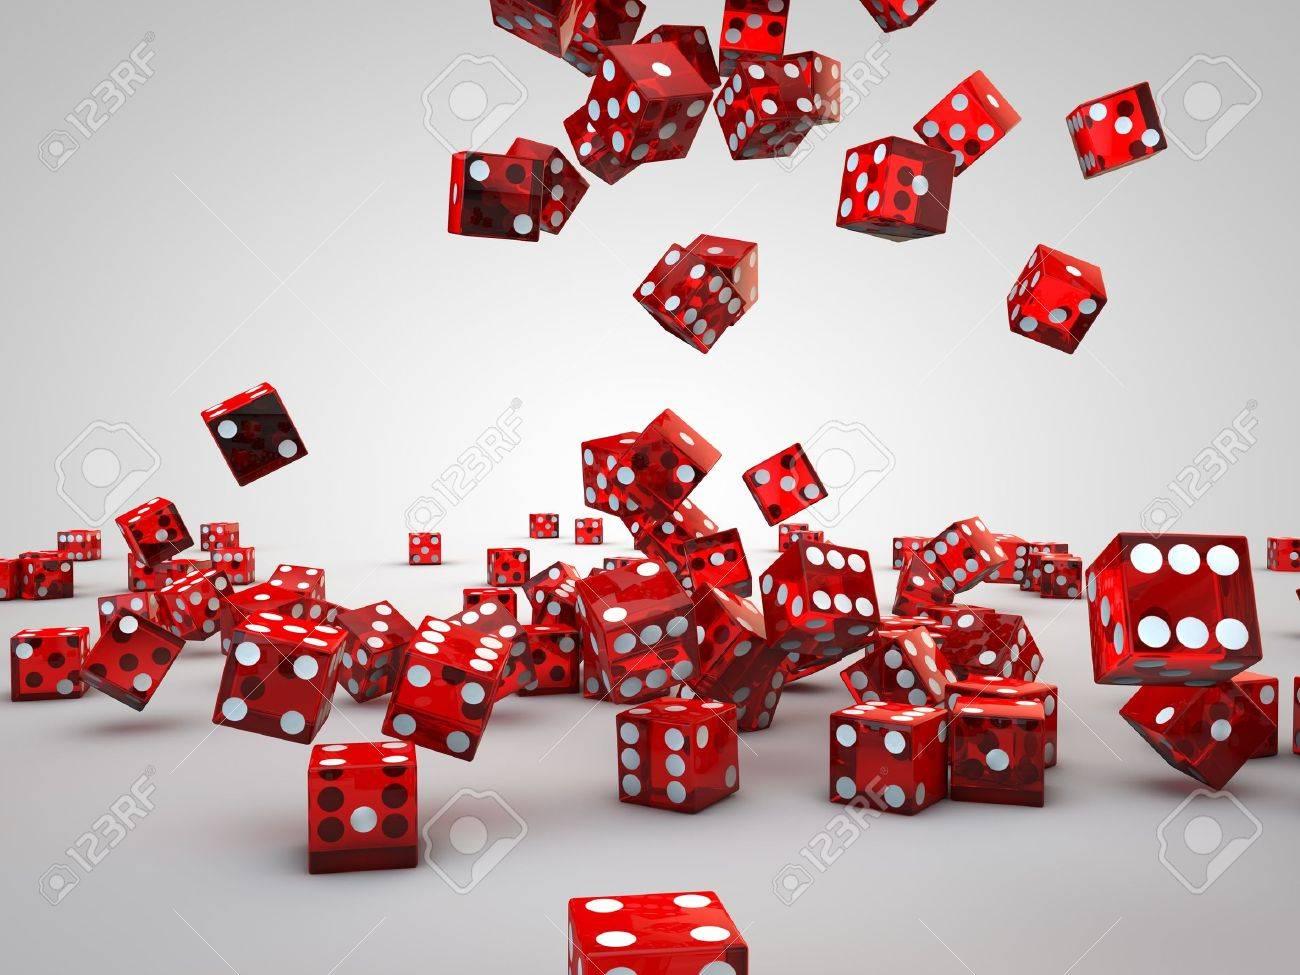 Замена игральных кубиков в крэпсе: Игорные - Казино